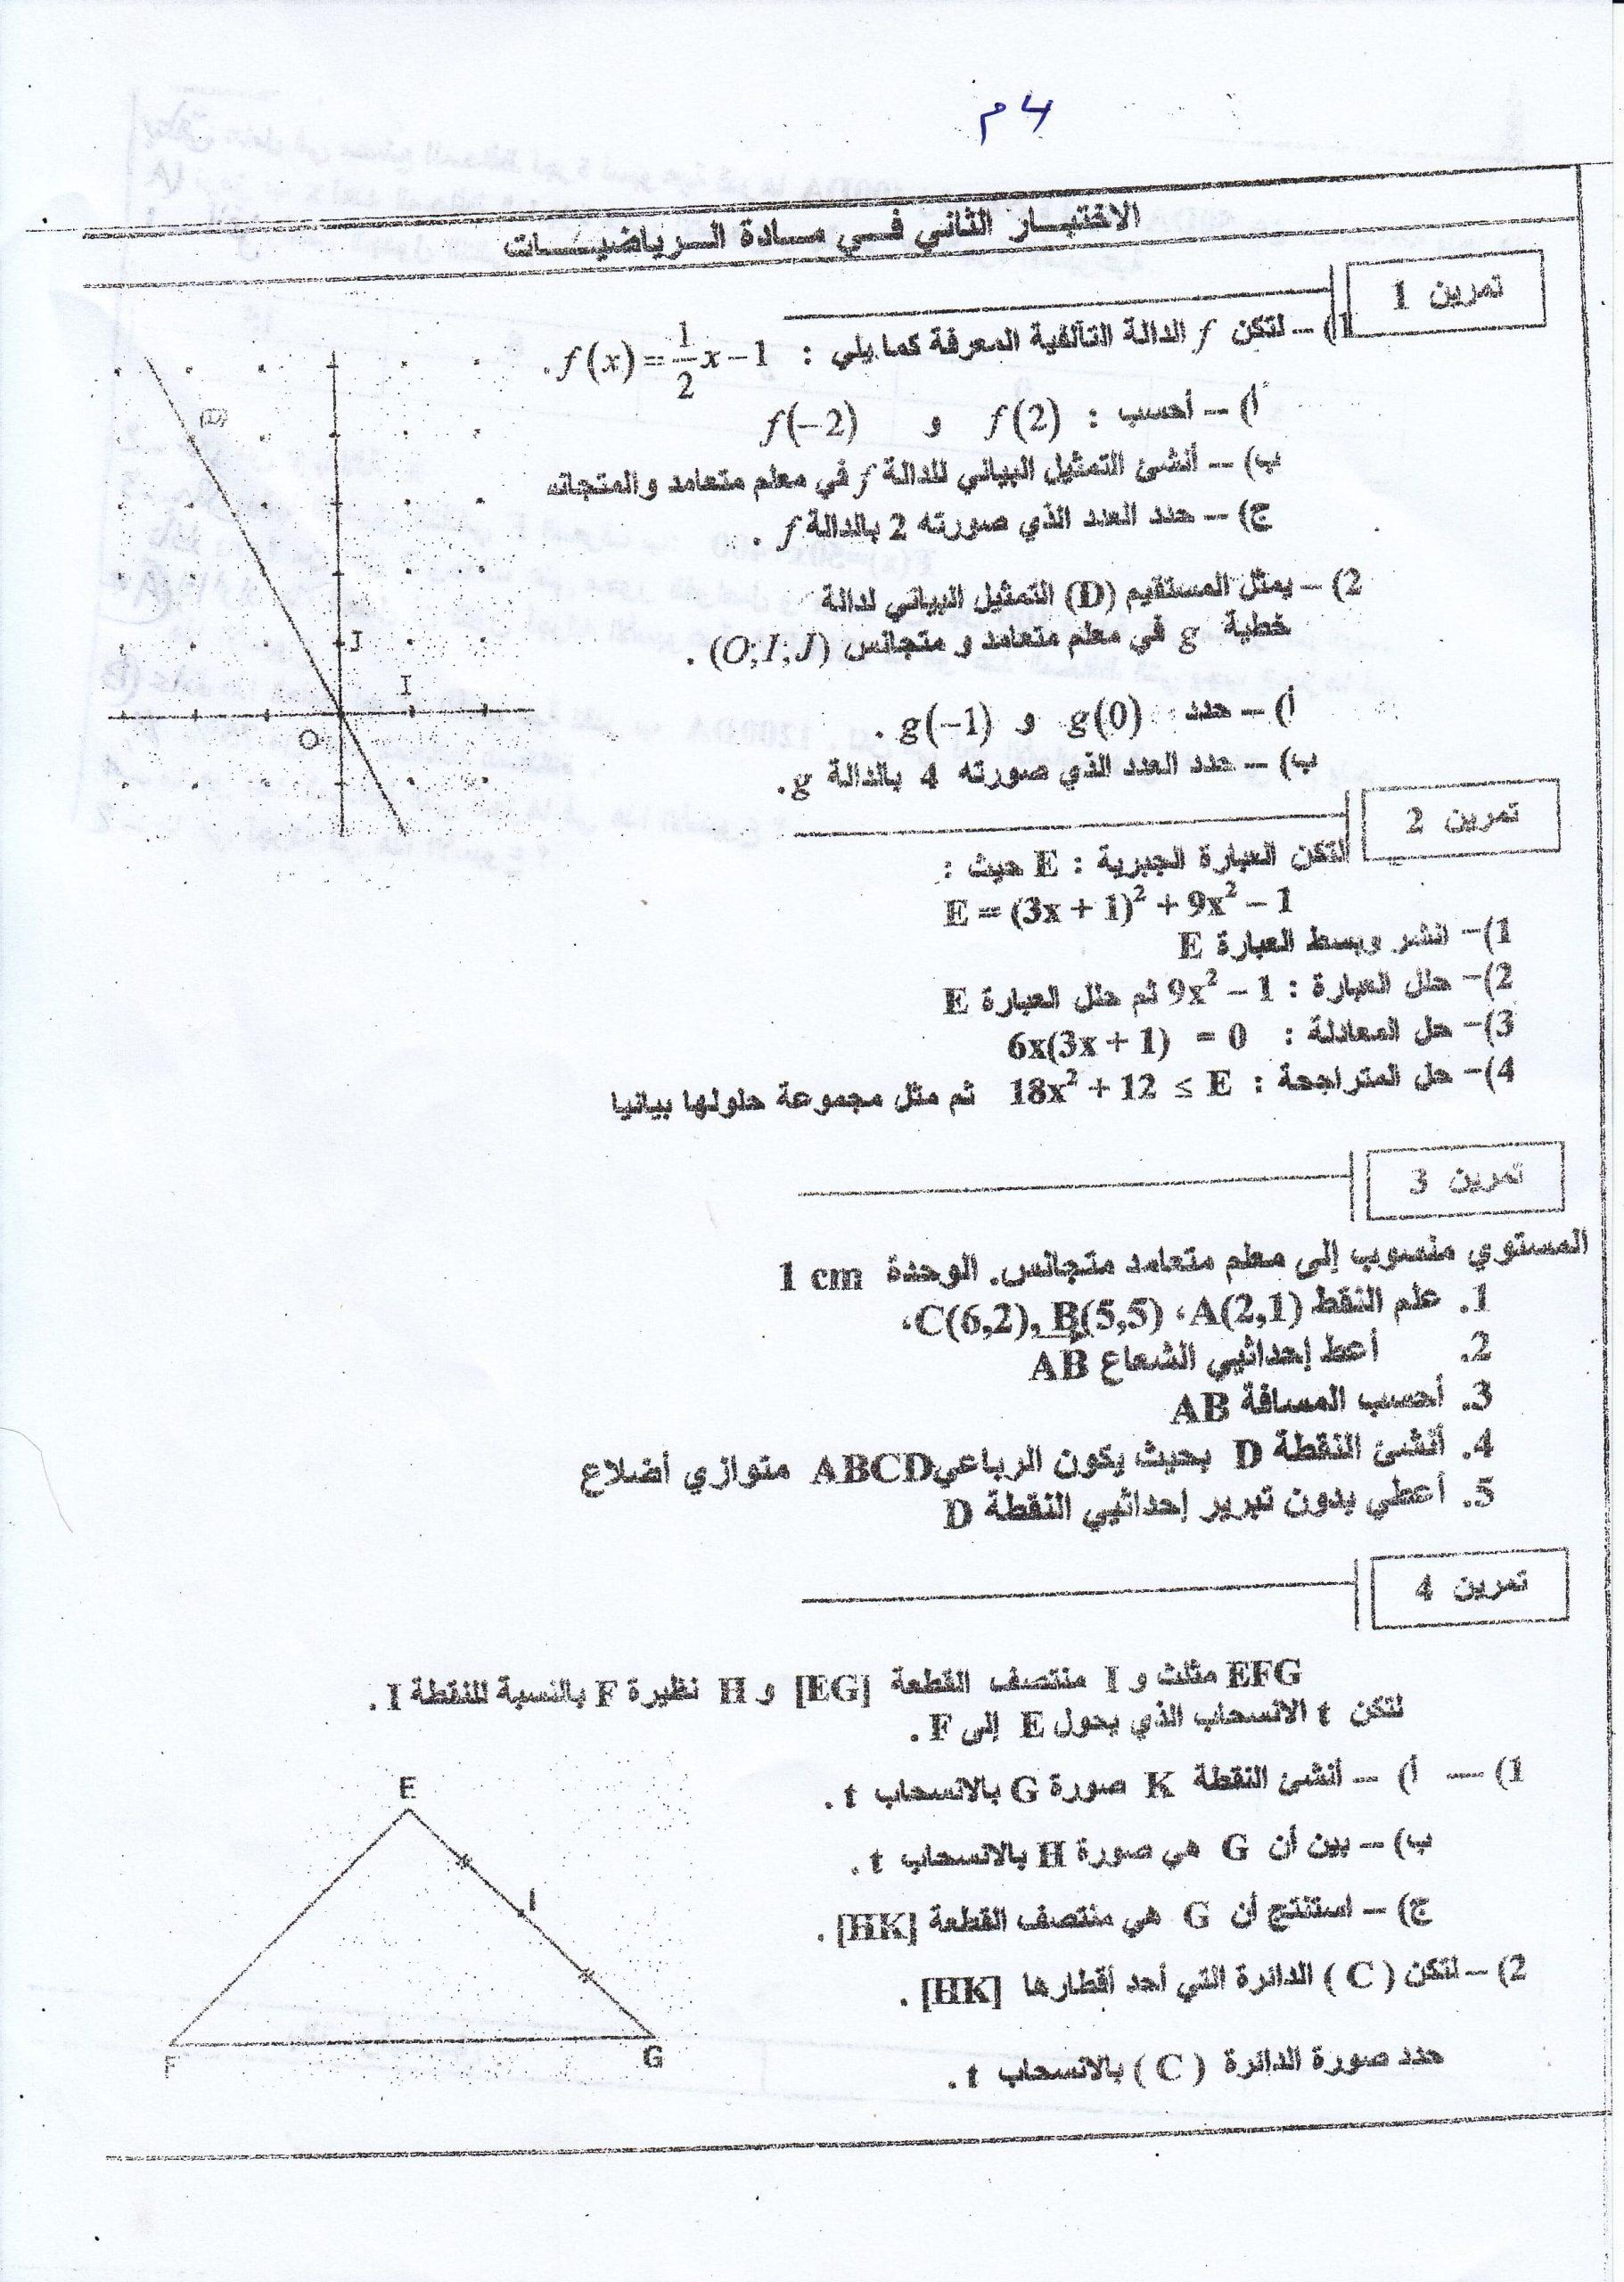 اختبار الفصل الثاني في مادة الرياضيات السنة الرابعة متوسط | الموضوع 03